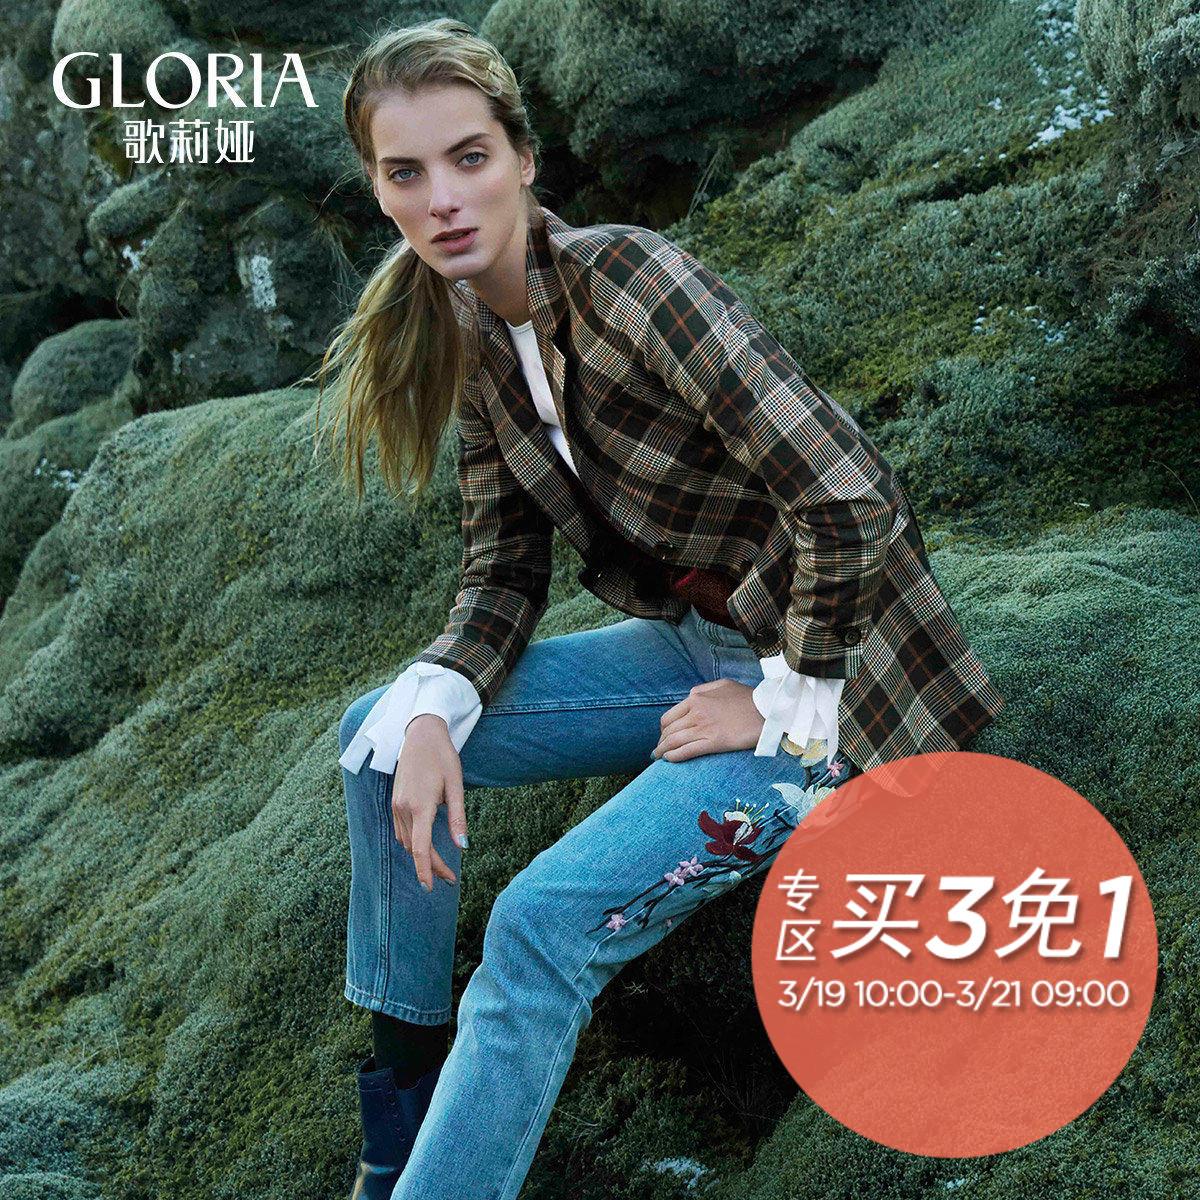 歌莉娅女装 GLORIA歌莉娅新品复古格纹西服外套收腰韩版小西装178K6E180_推荐淘宝好看的歌莉娅